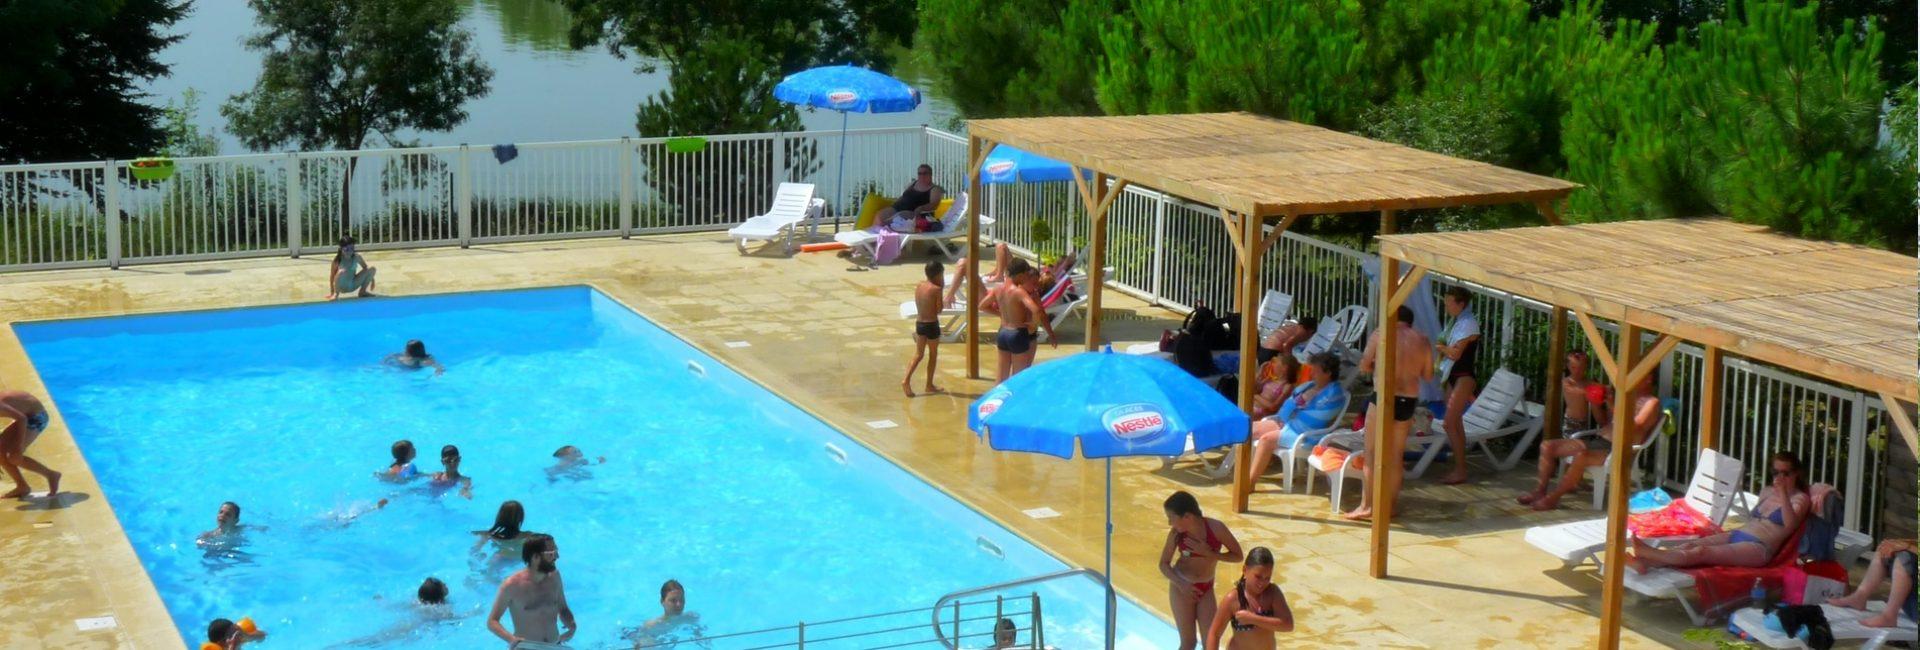 PROMOS Location vacances en départ du 04 Juillet 2020